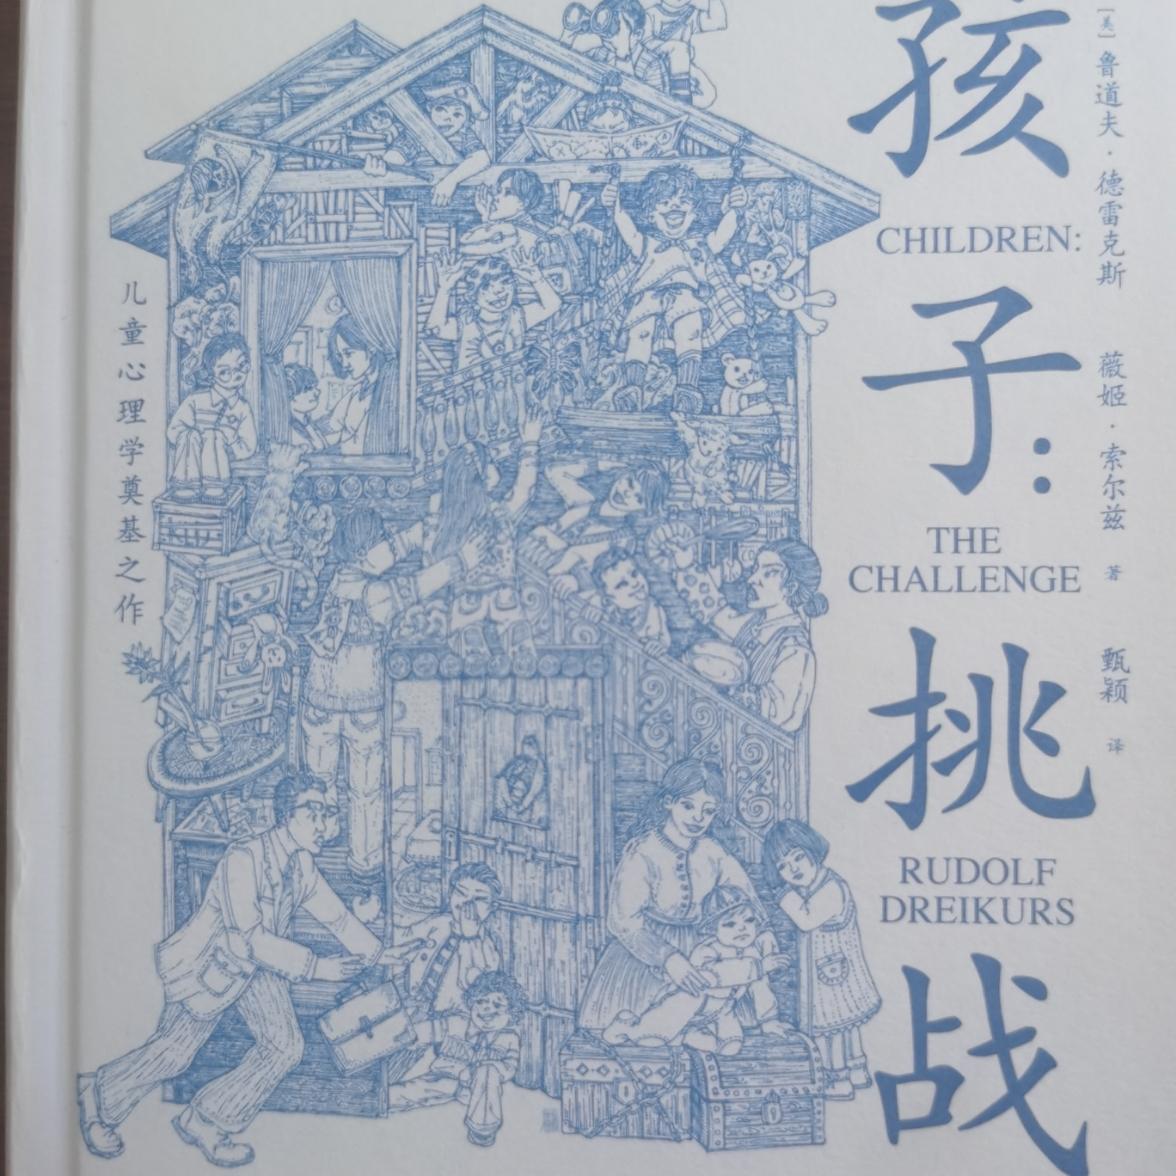 家庭教育系列之《孩子:挑战》